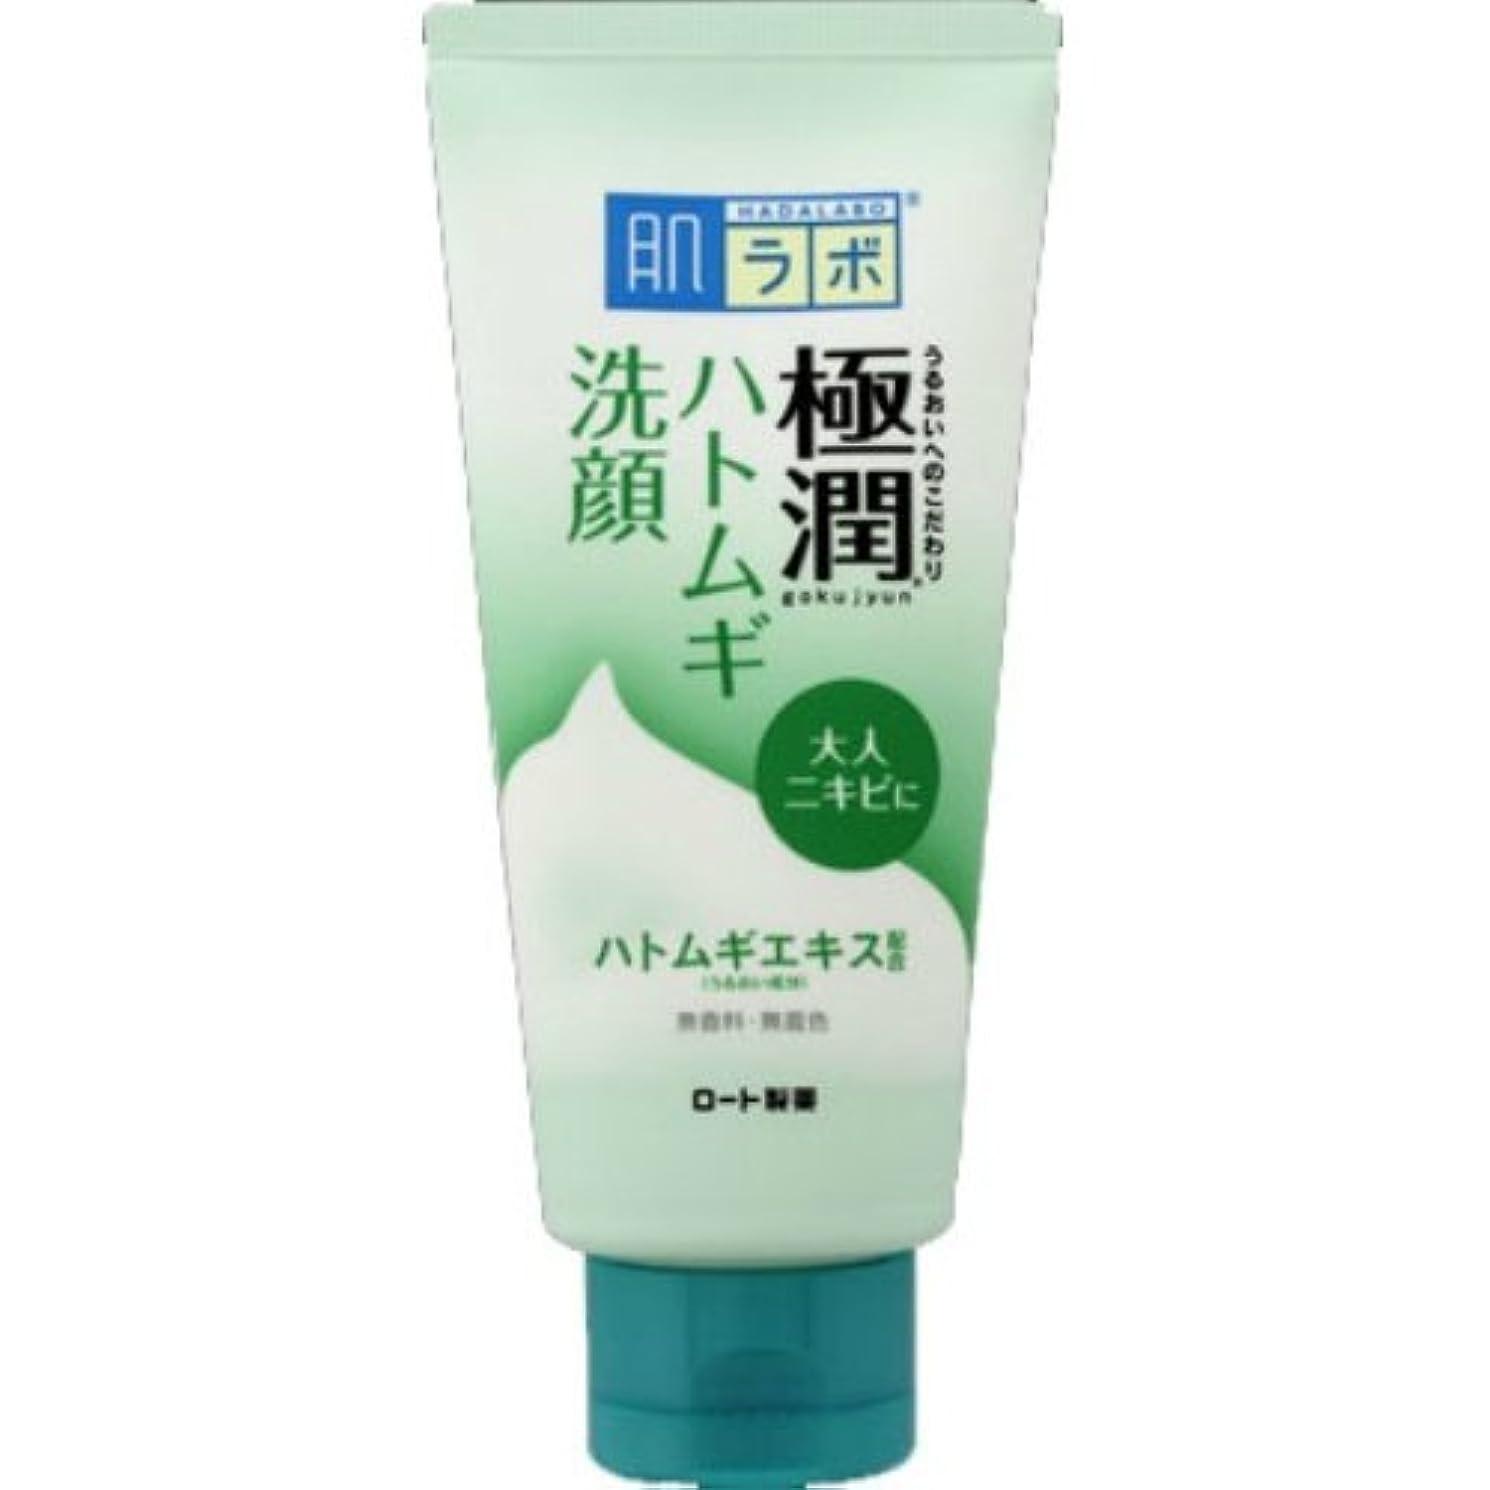 温室かる先例肌ラボ 極潤ハトムギ洗顔フォーム 100g × 60個セット